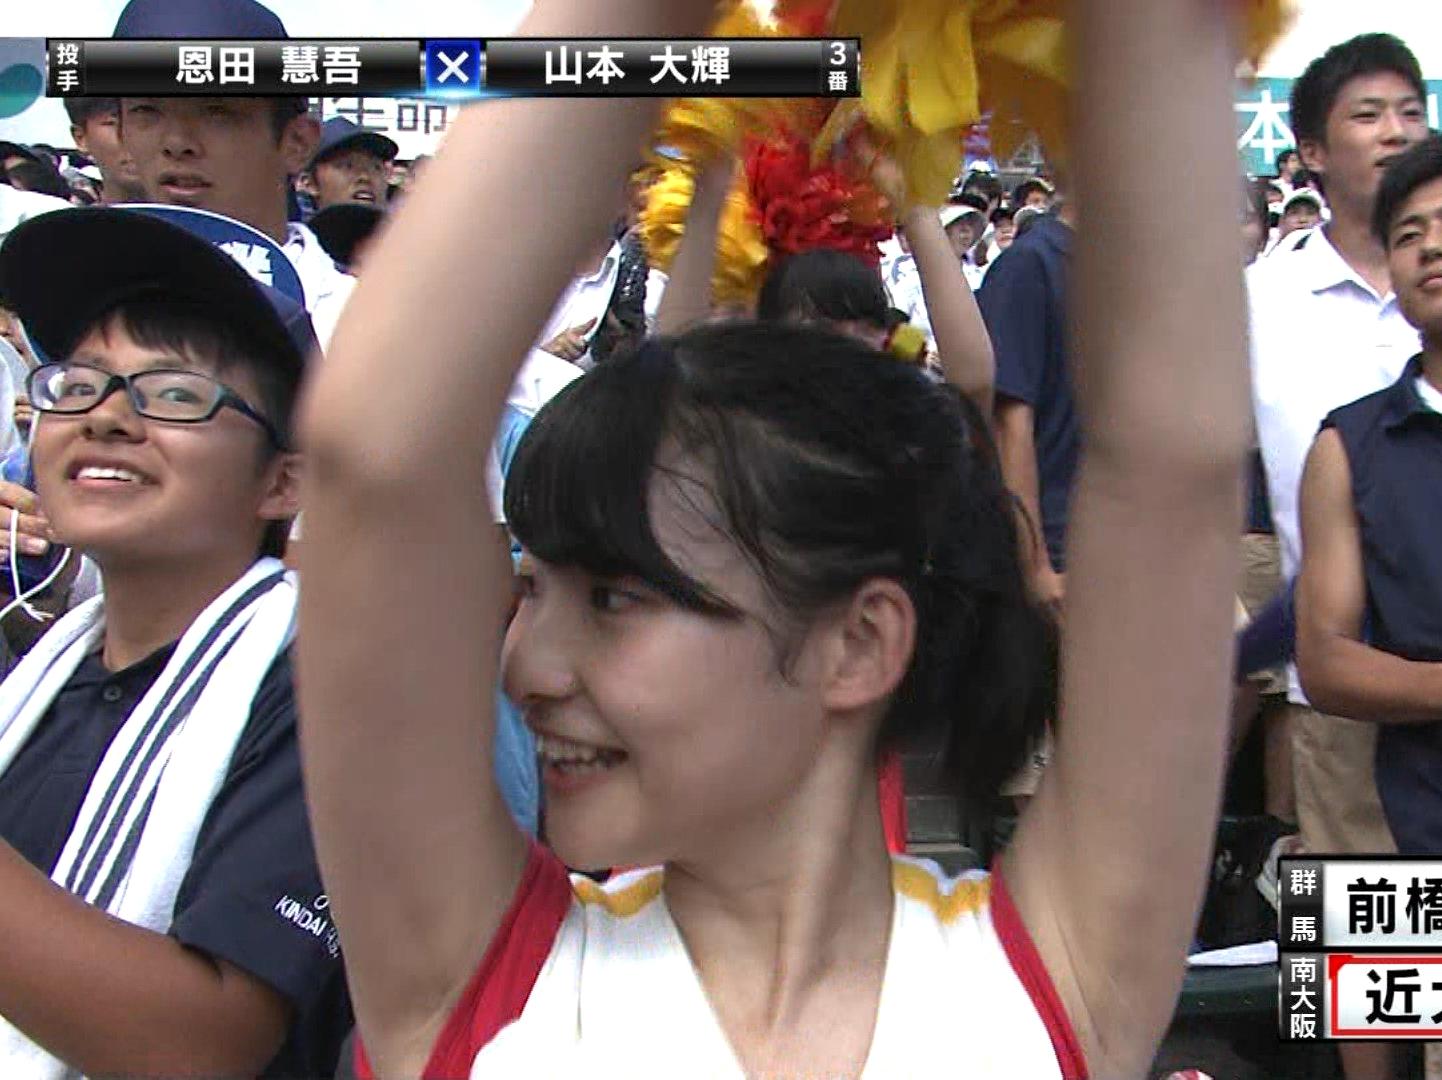 甲子園JKチア腋まとめ2018 (23)